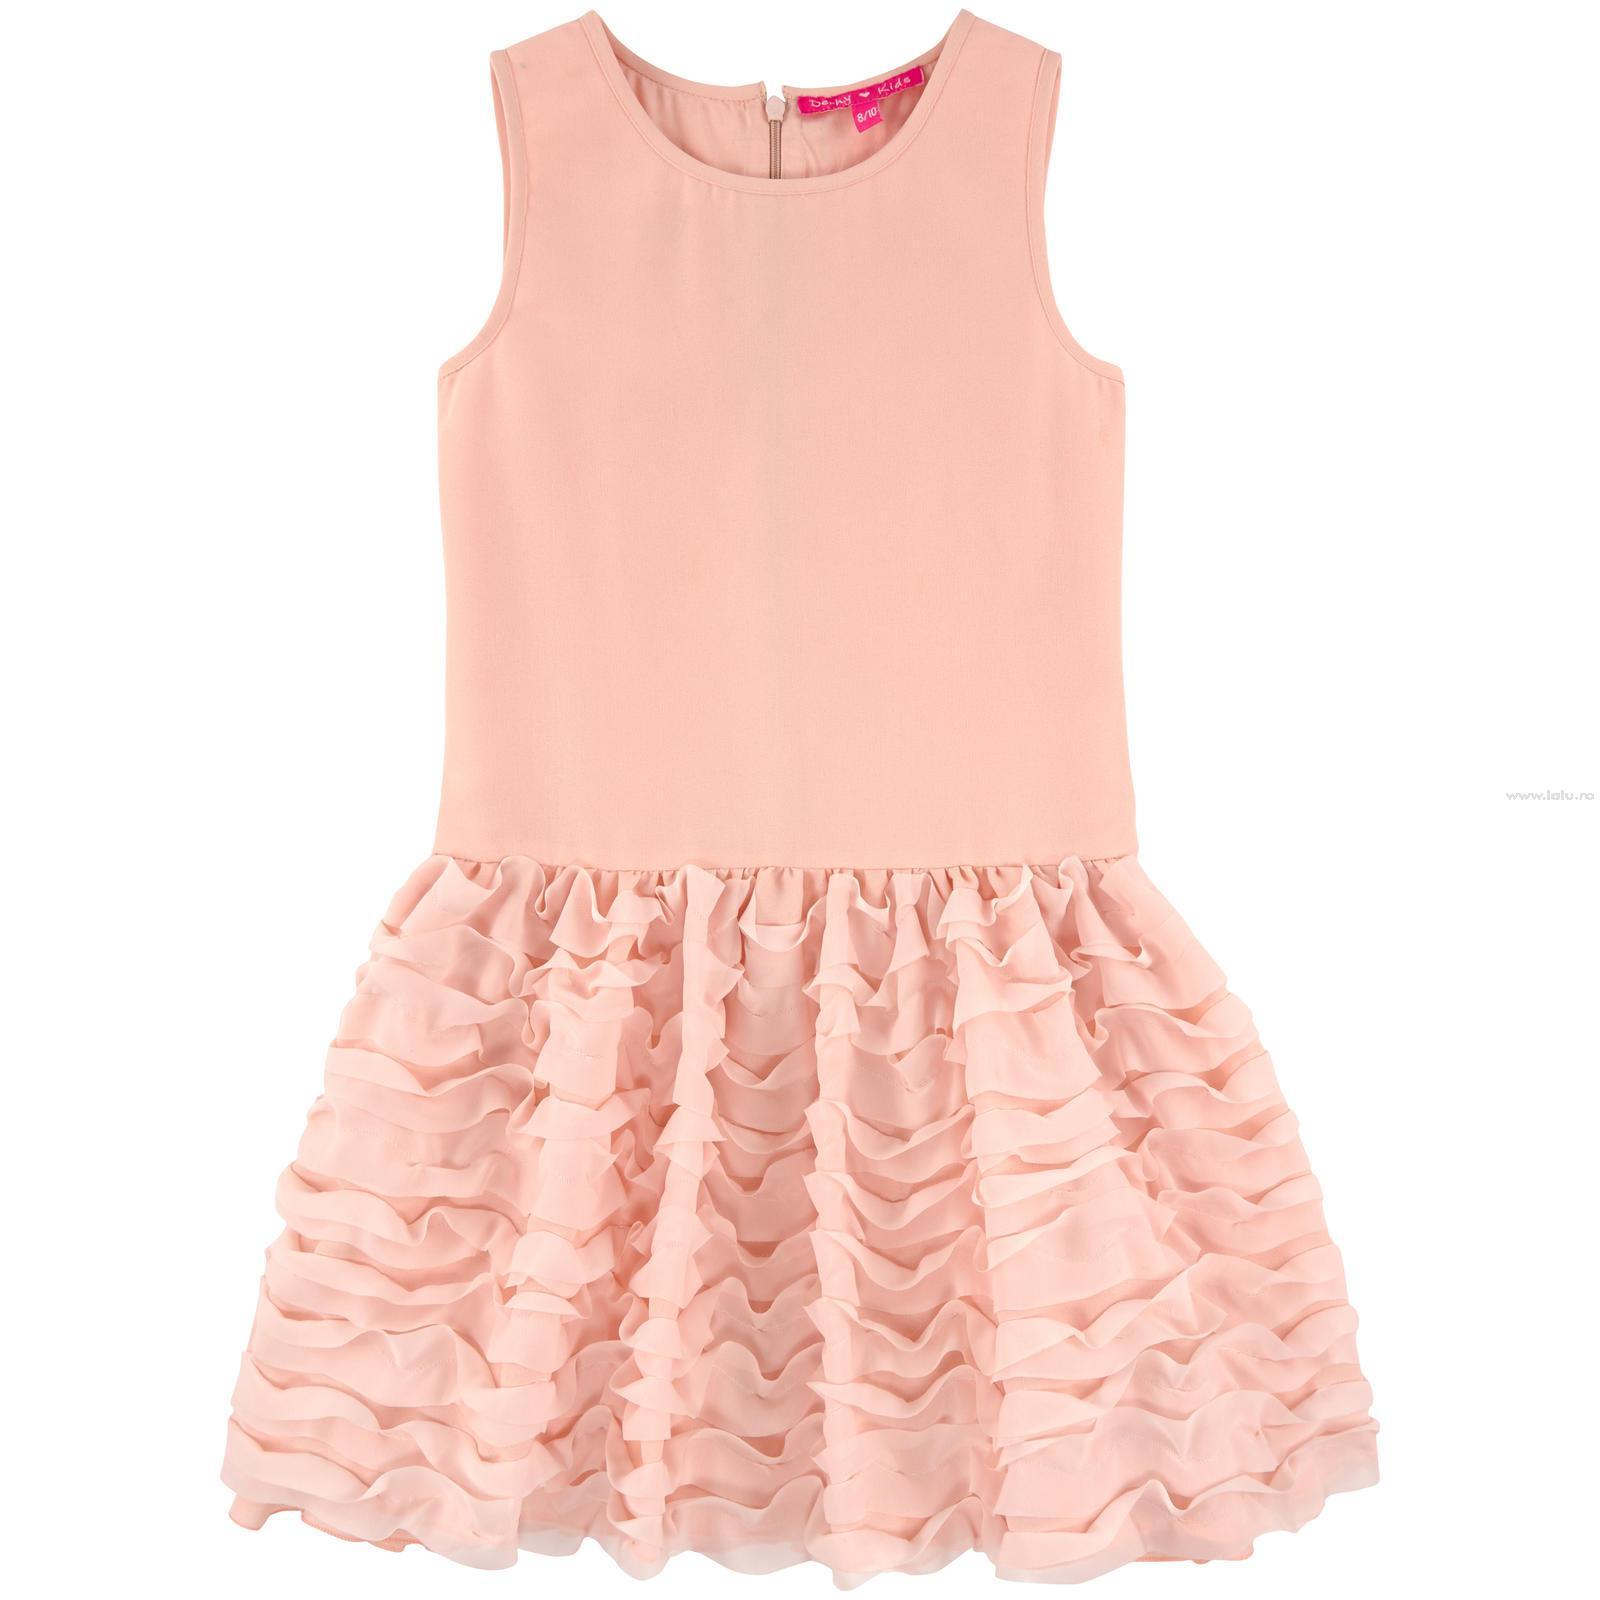 Hainute elegante copii, potrivite pentru botez sau pentru alte ocazii speciale. Toate hainutele Atelier Bebe pot fi modificate si personalizate la cerere.